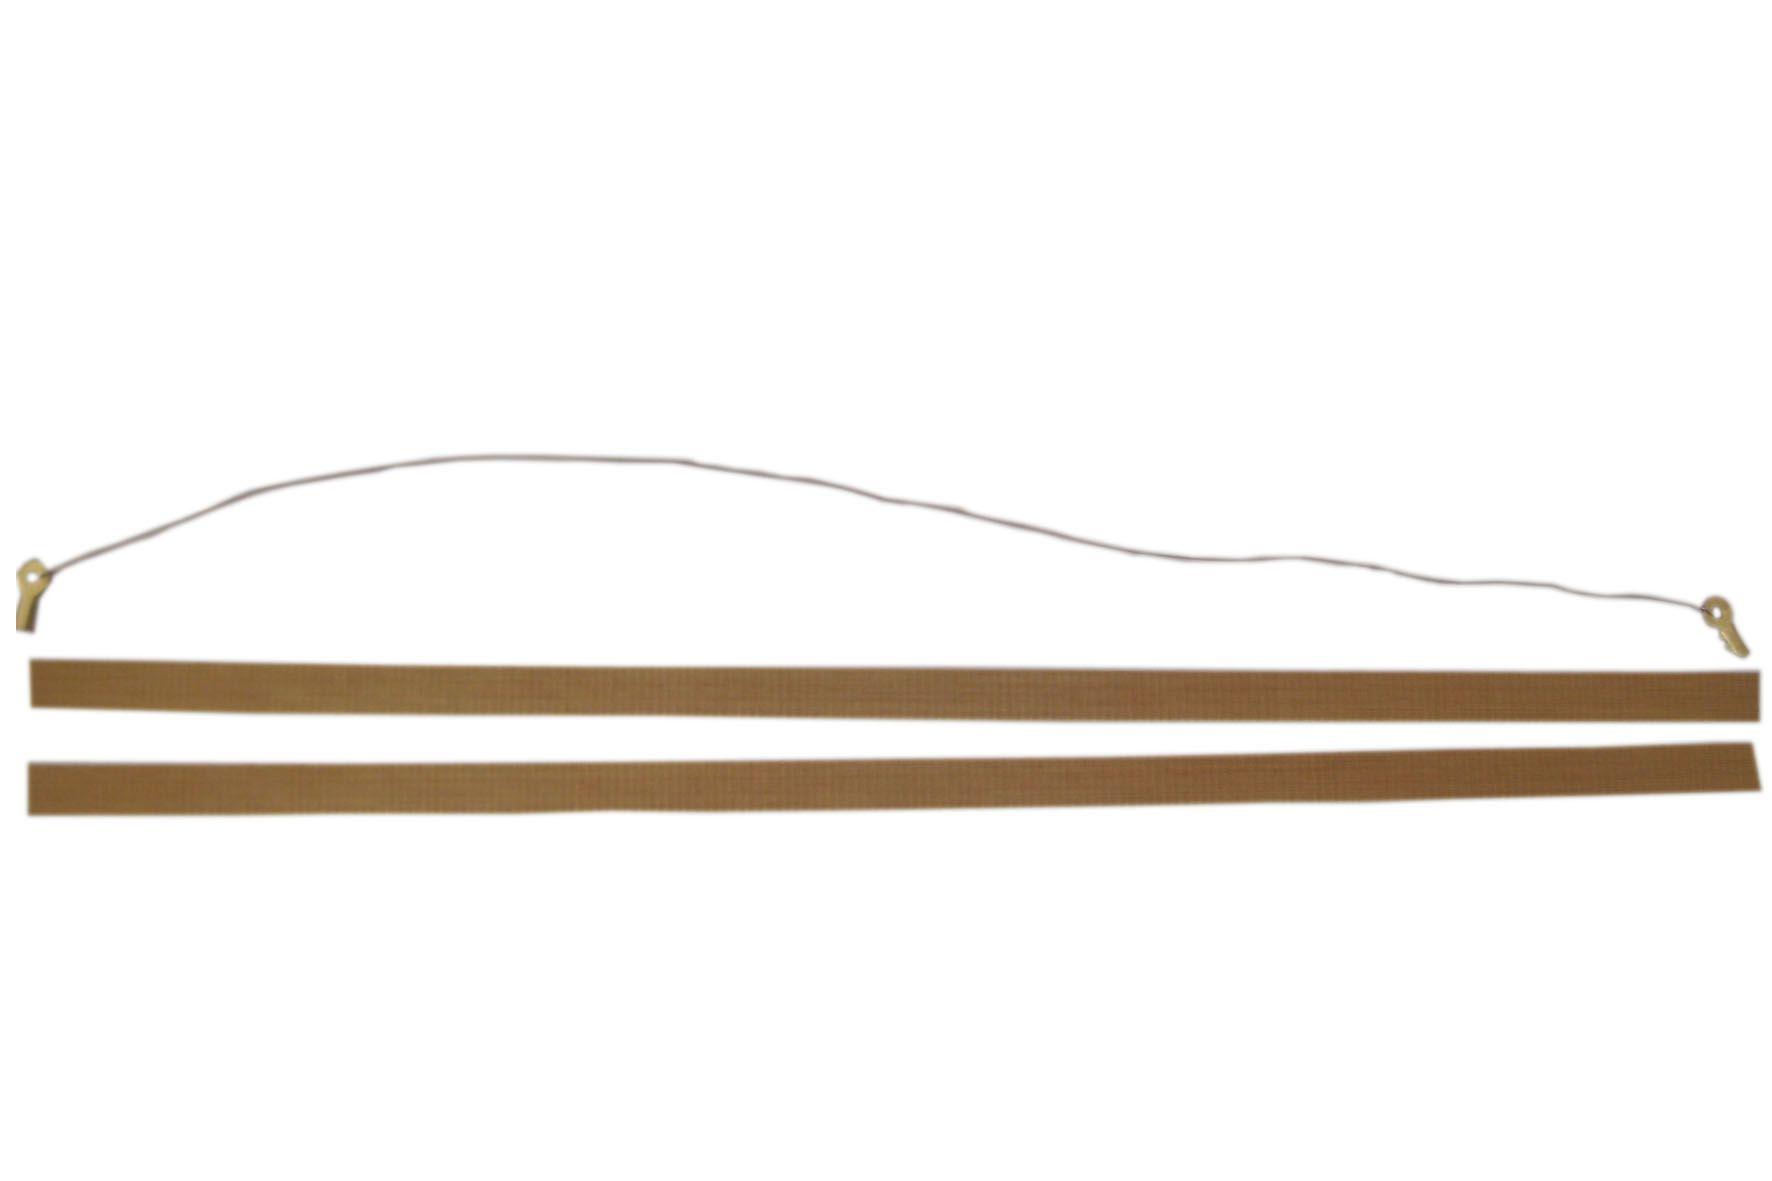 Refil Para Seladora 40 Cm com Fio De Corte